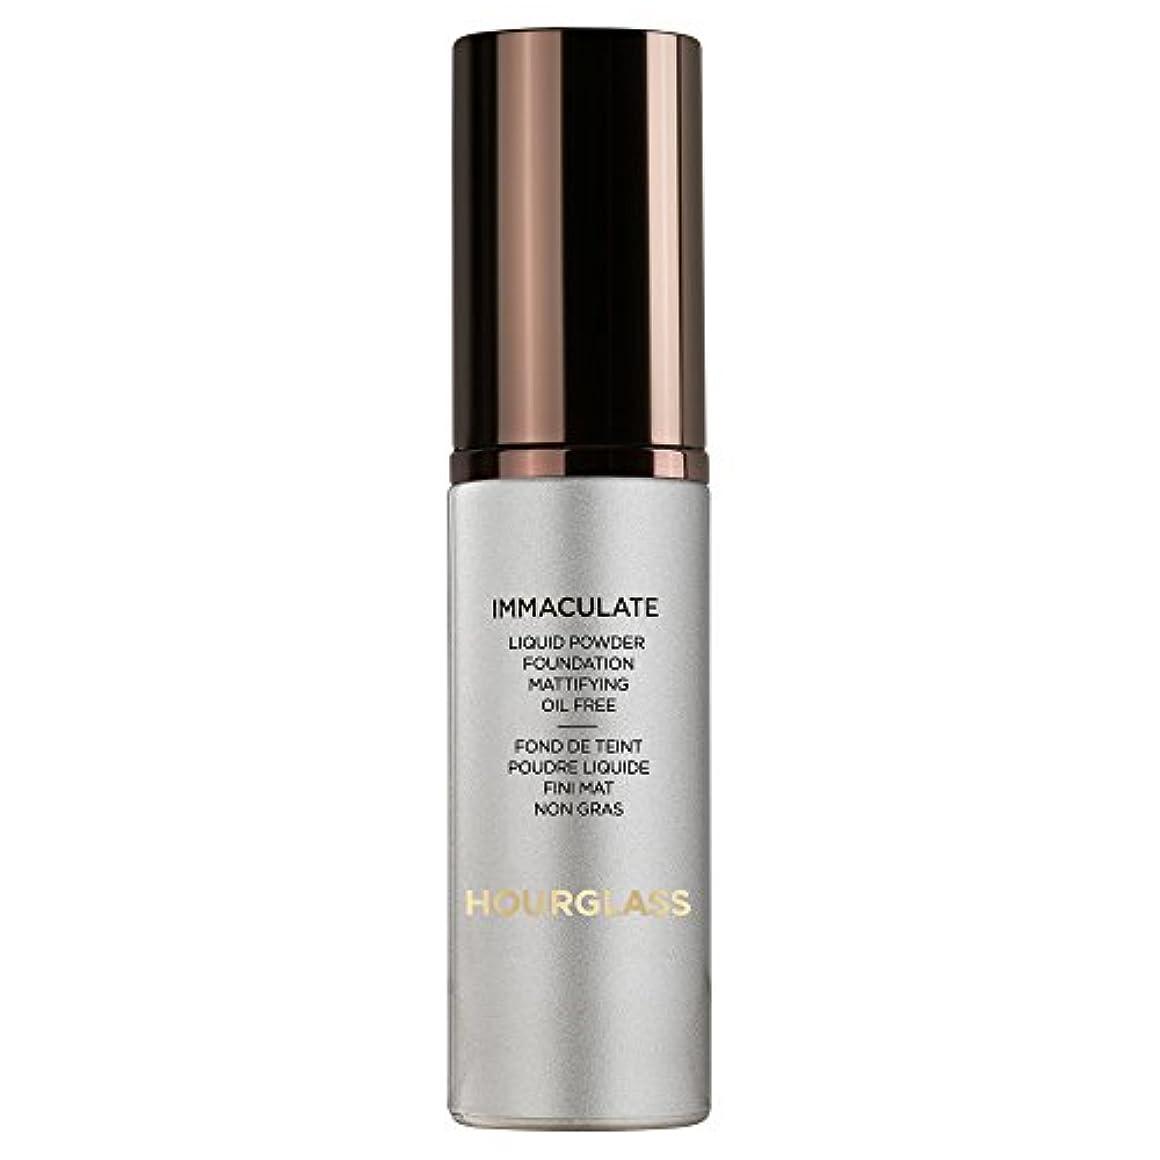 古代つかまえる楕円形砂時計真っ白な液体パウダーファンデーションバニラ (Hourglass) (x2) - Hourglass Immaculate Liquid Powder Foundation Vanilla (Pack of 2) [並行輸入品]